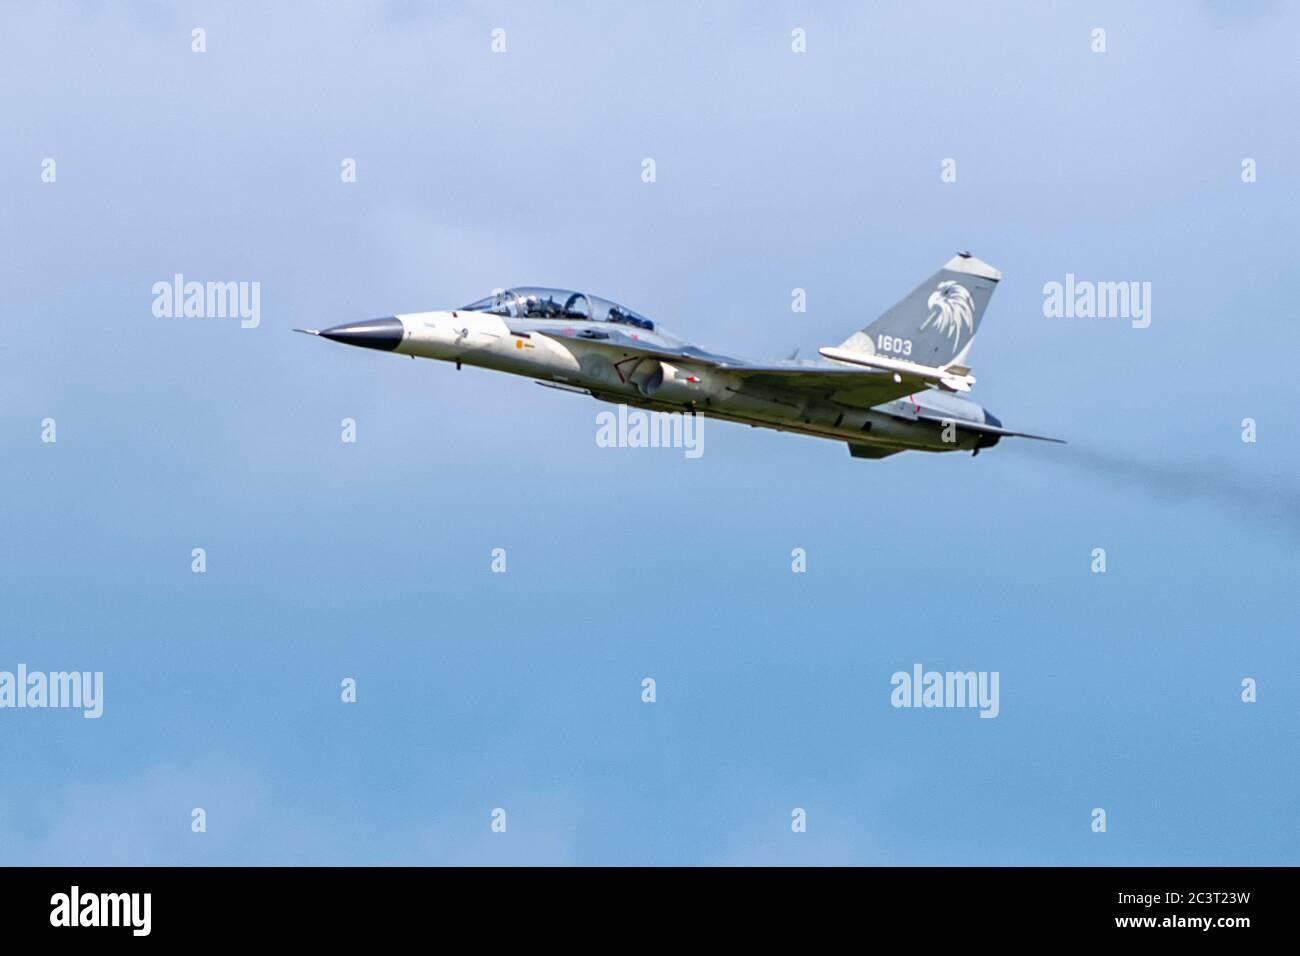 Taichung, Taïwan, 22 juin 2020. Taiwan lance depuis sa base aérienne de Ching Chuan Kang le Brave Eagle, le premier entraîneur de jet avancé indigène de Taïwan. Banque D'Images